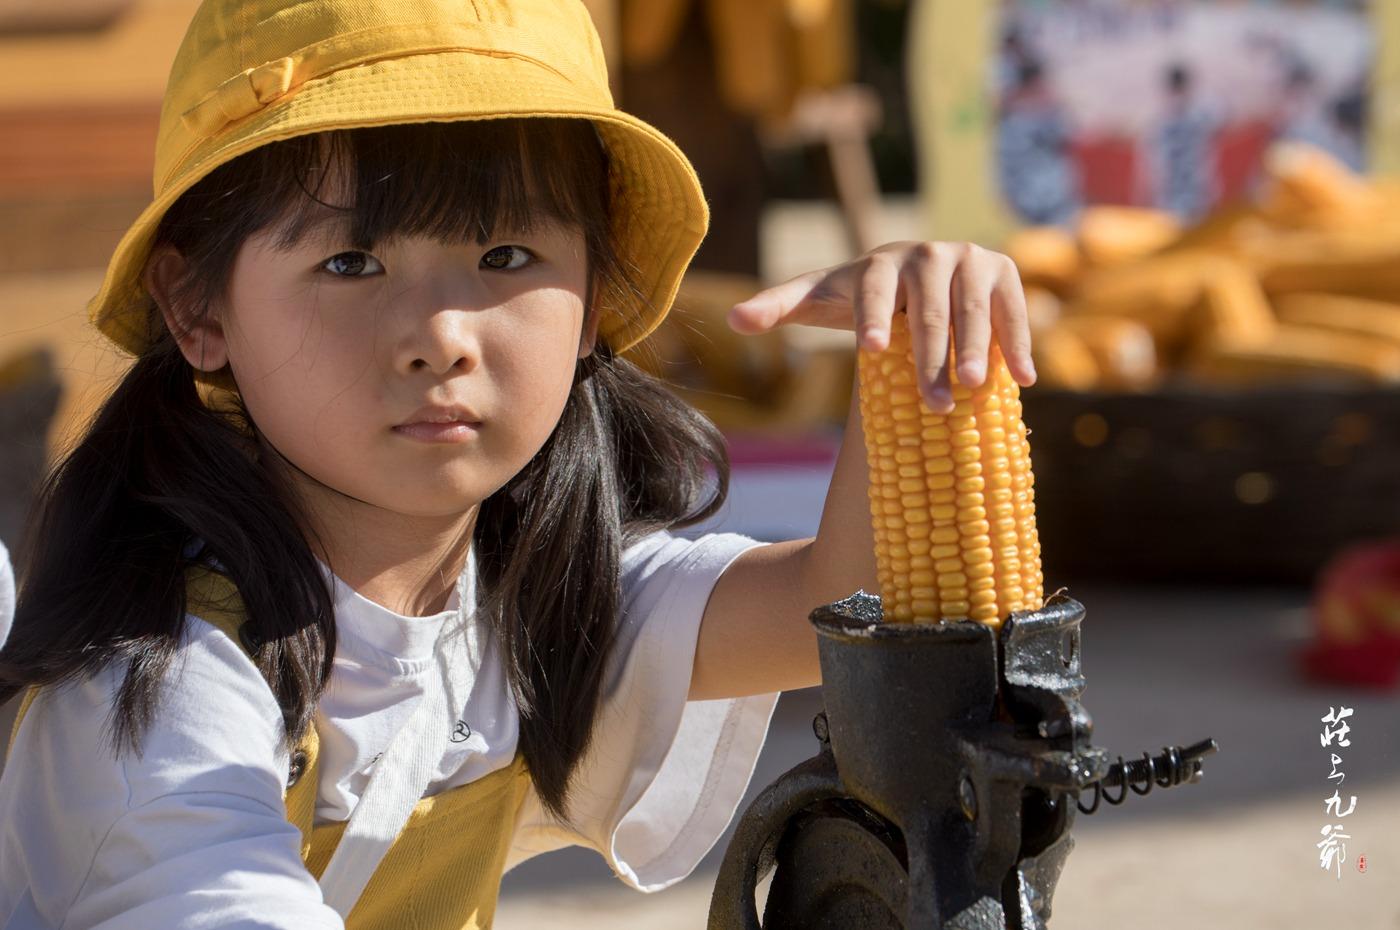 金秋時節 帶著您的寶貝兒去玉米冒險村里撒撒歡唄!